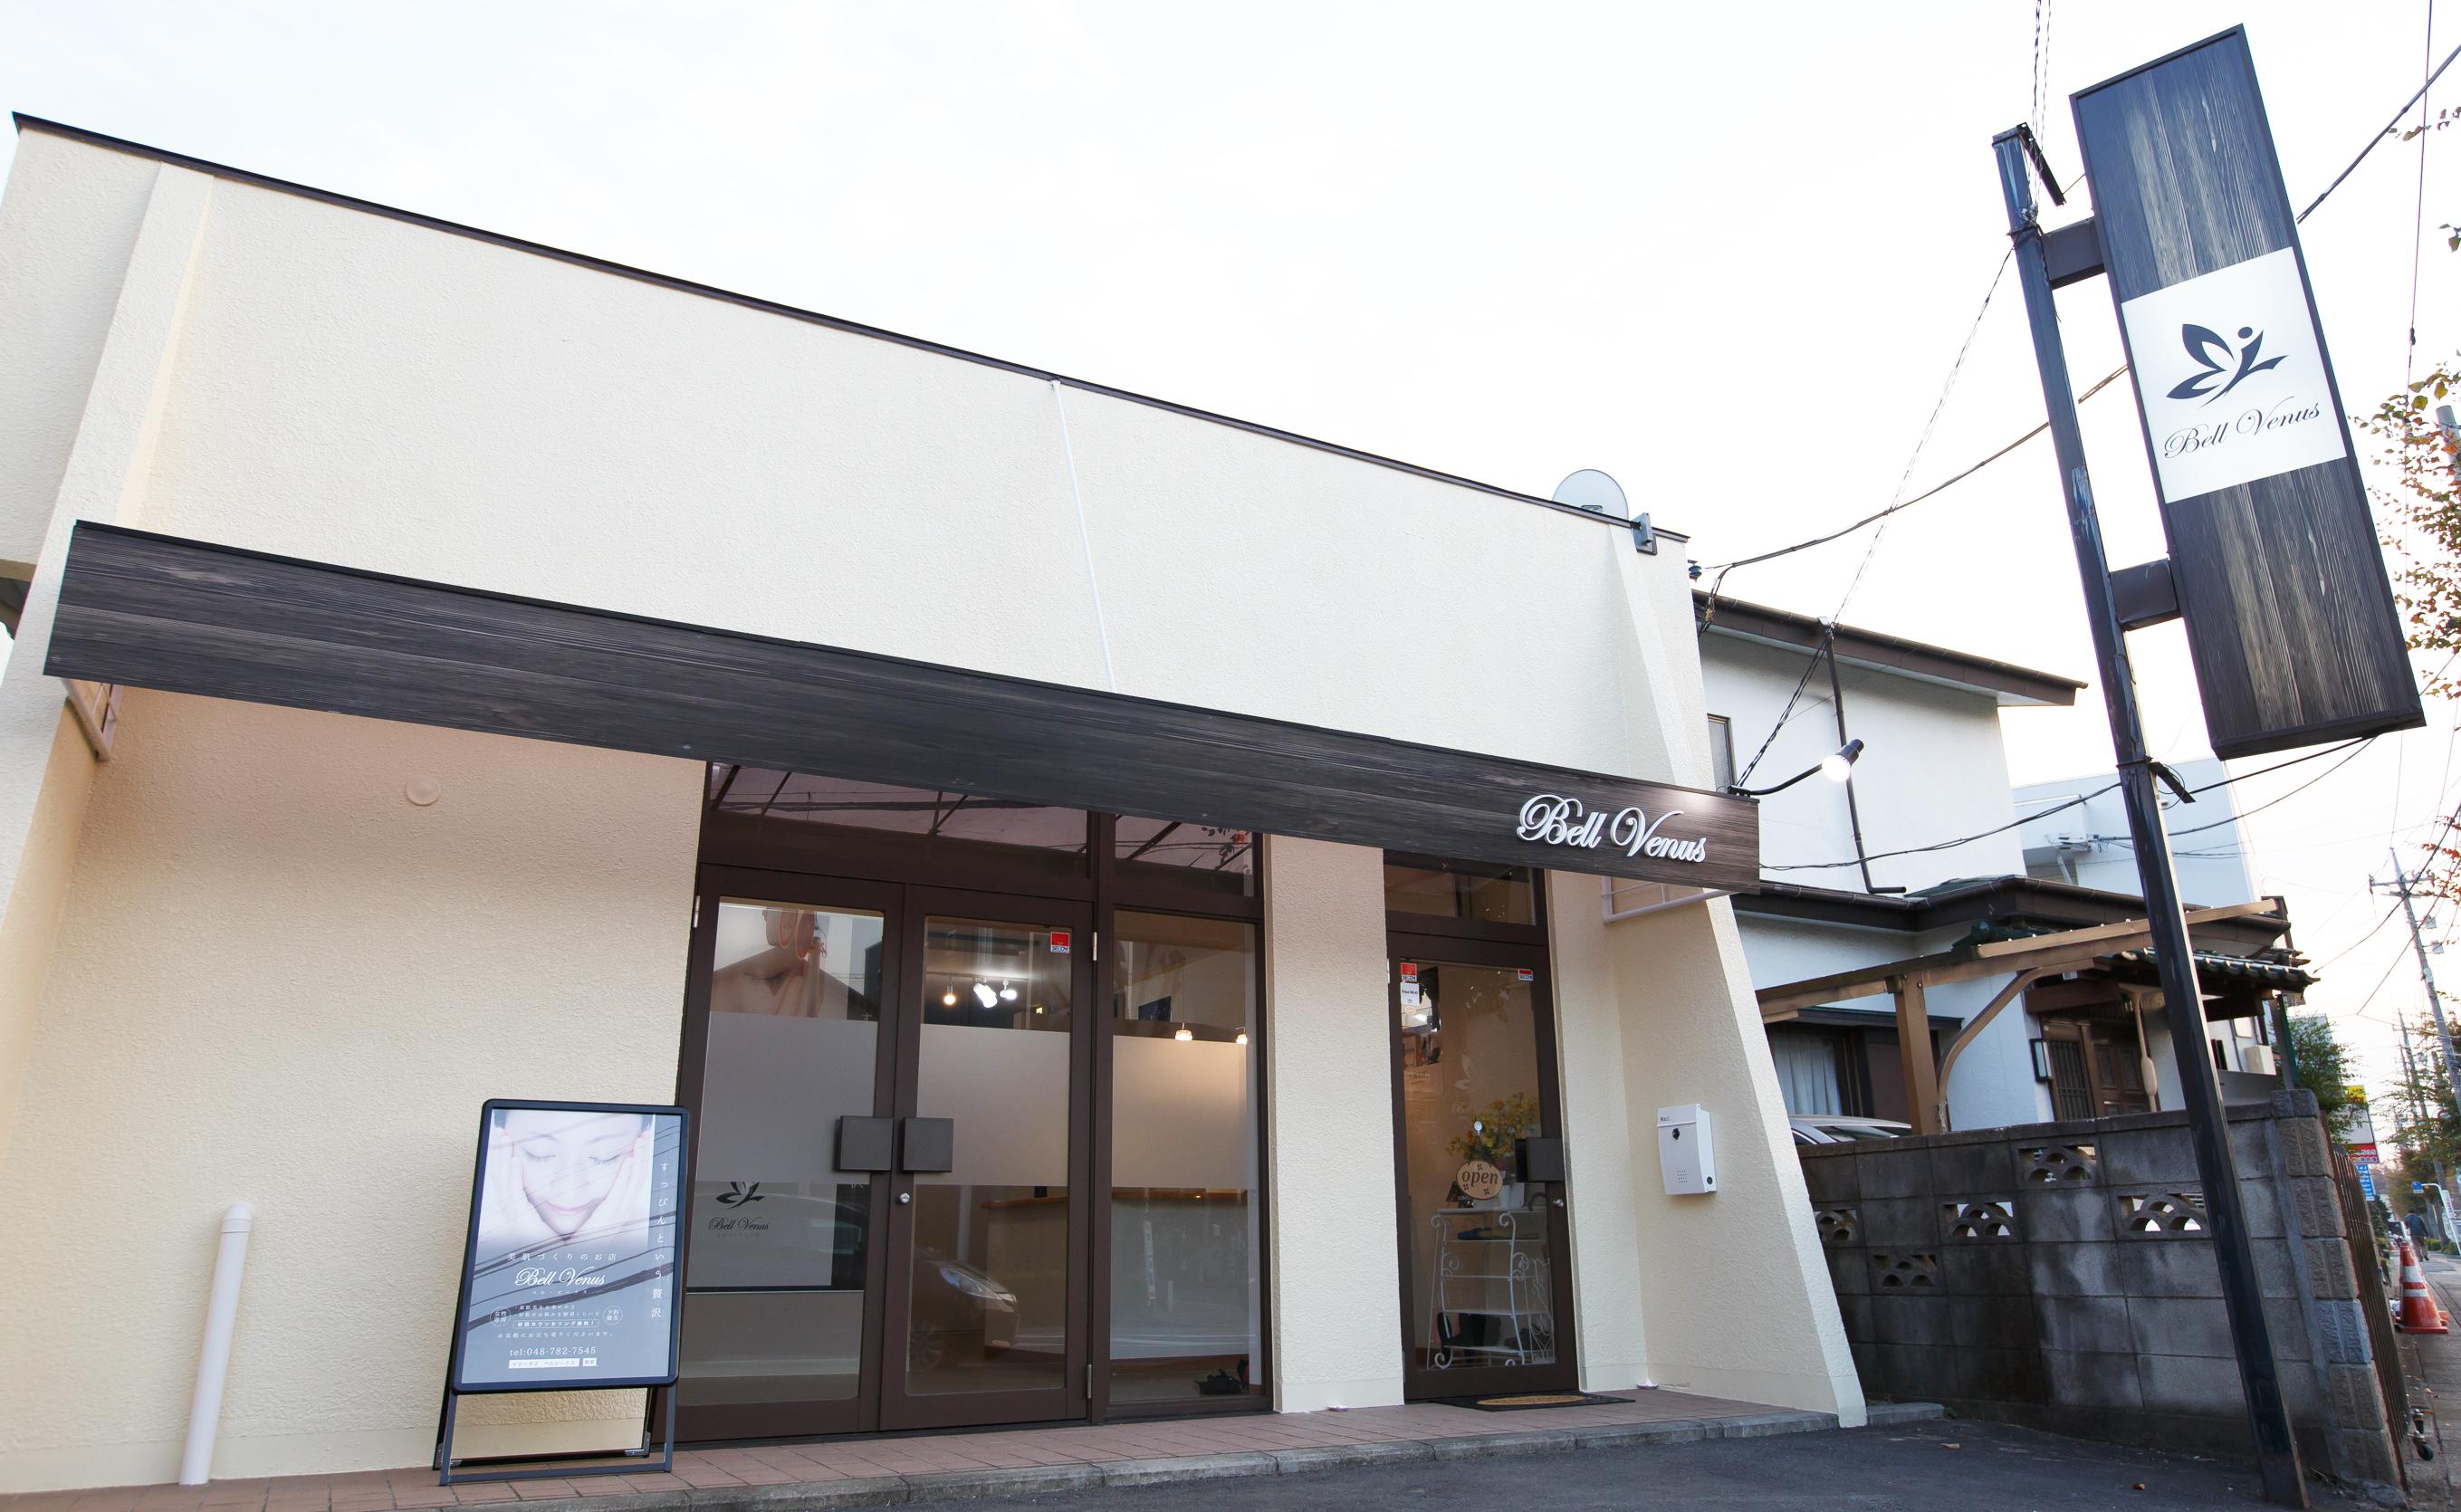 埼玉県入間市「ベルビーナス」様 ロゴ・看板デザイン制作